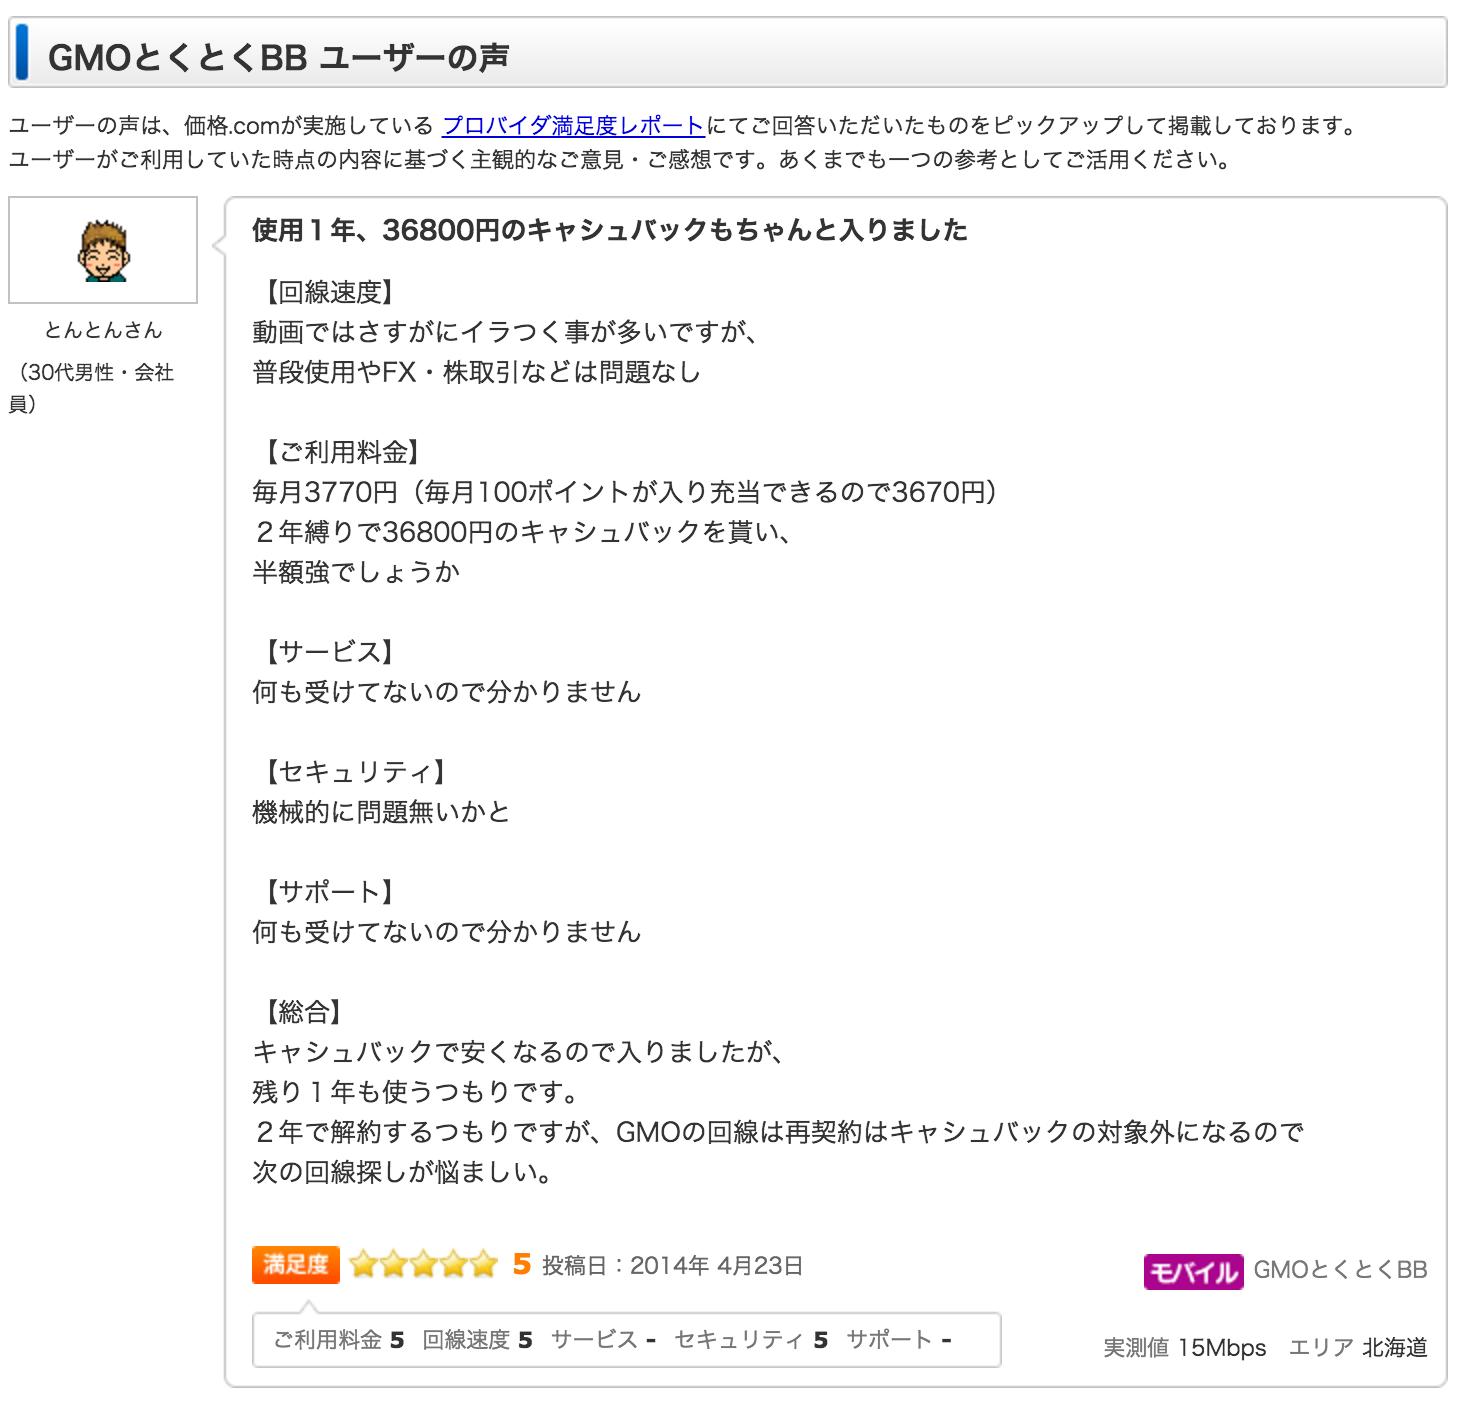 GMOとくとくBB_口コミ